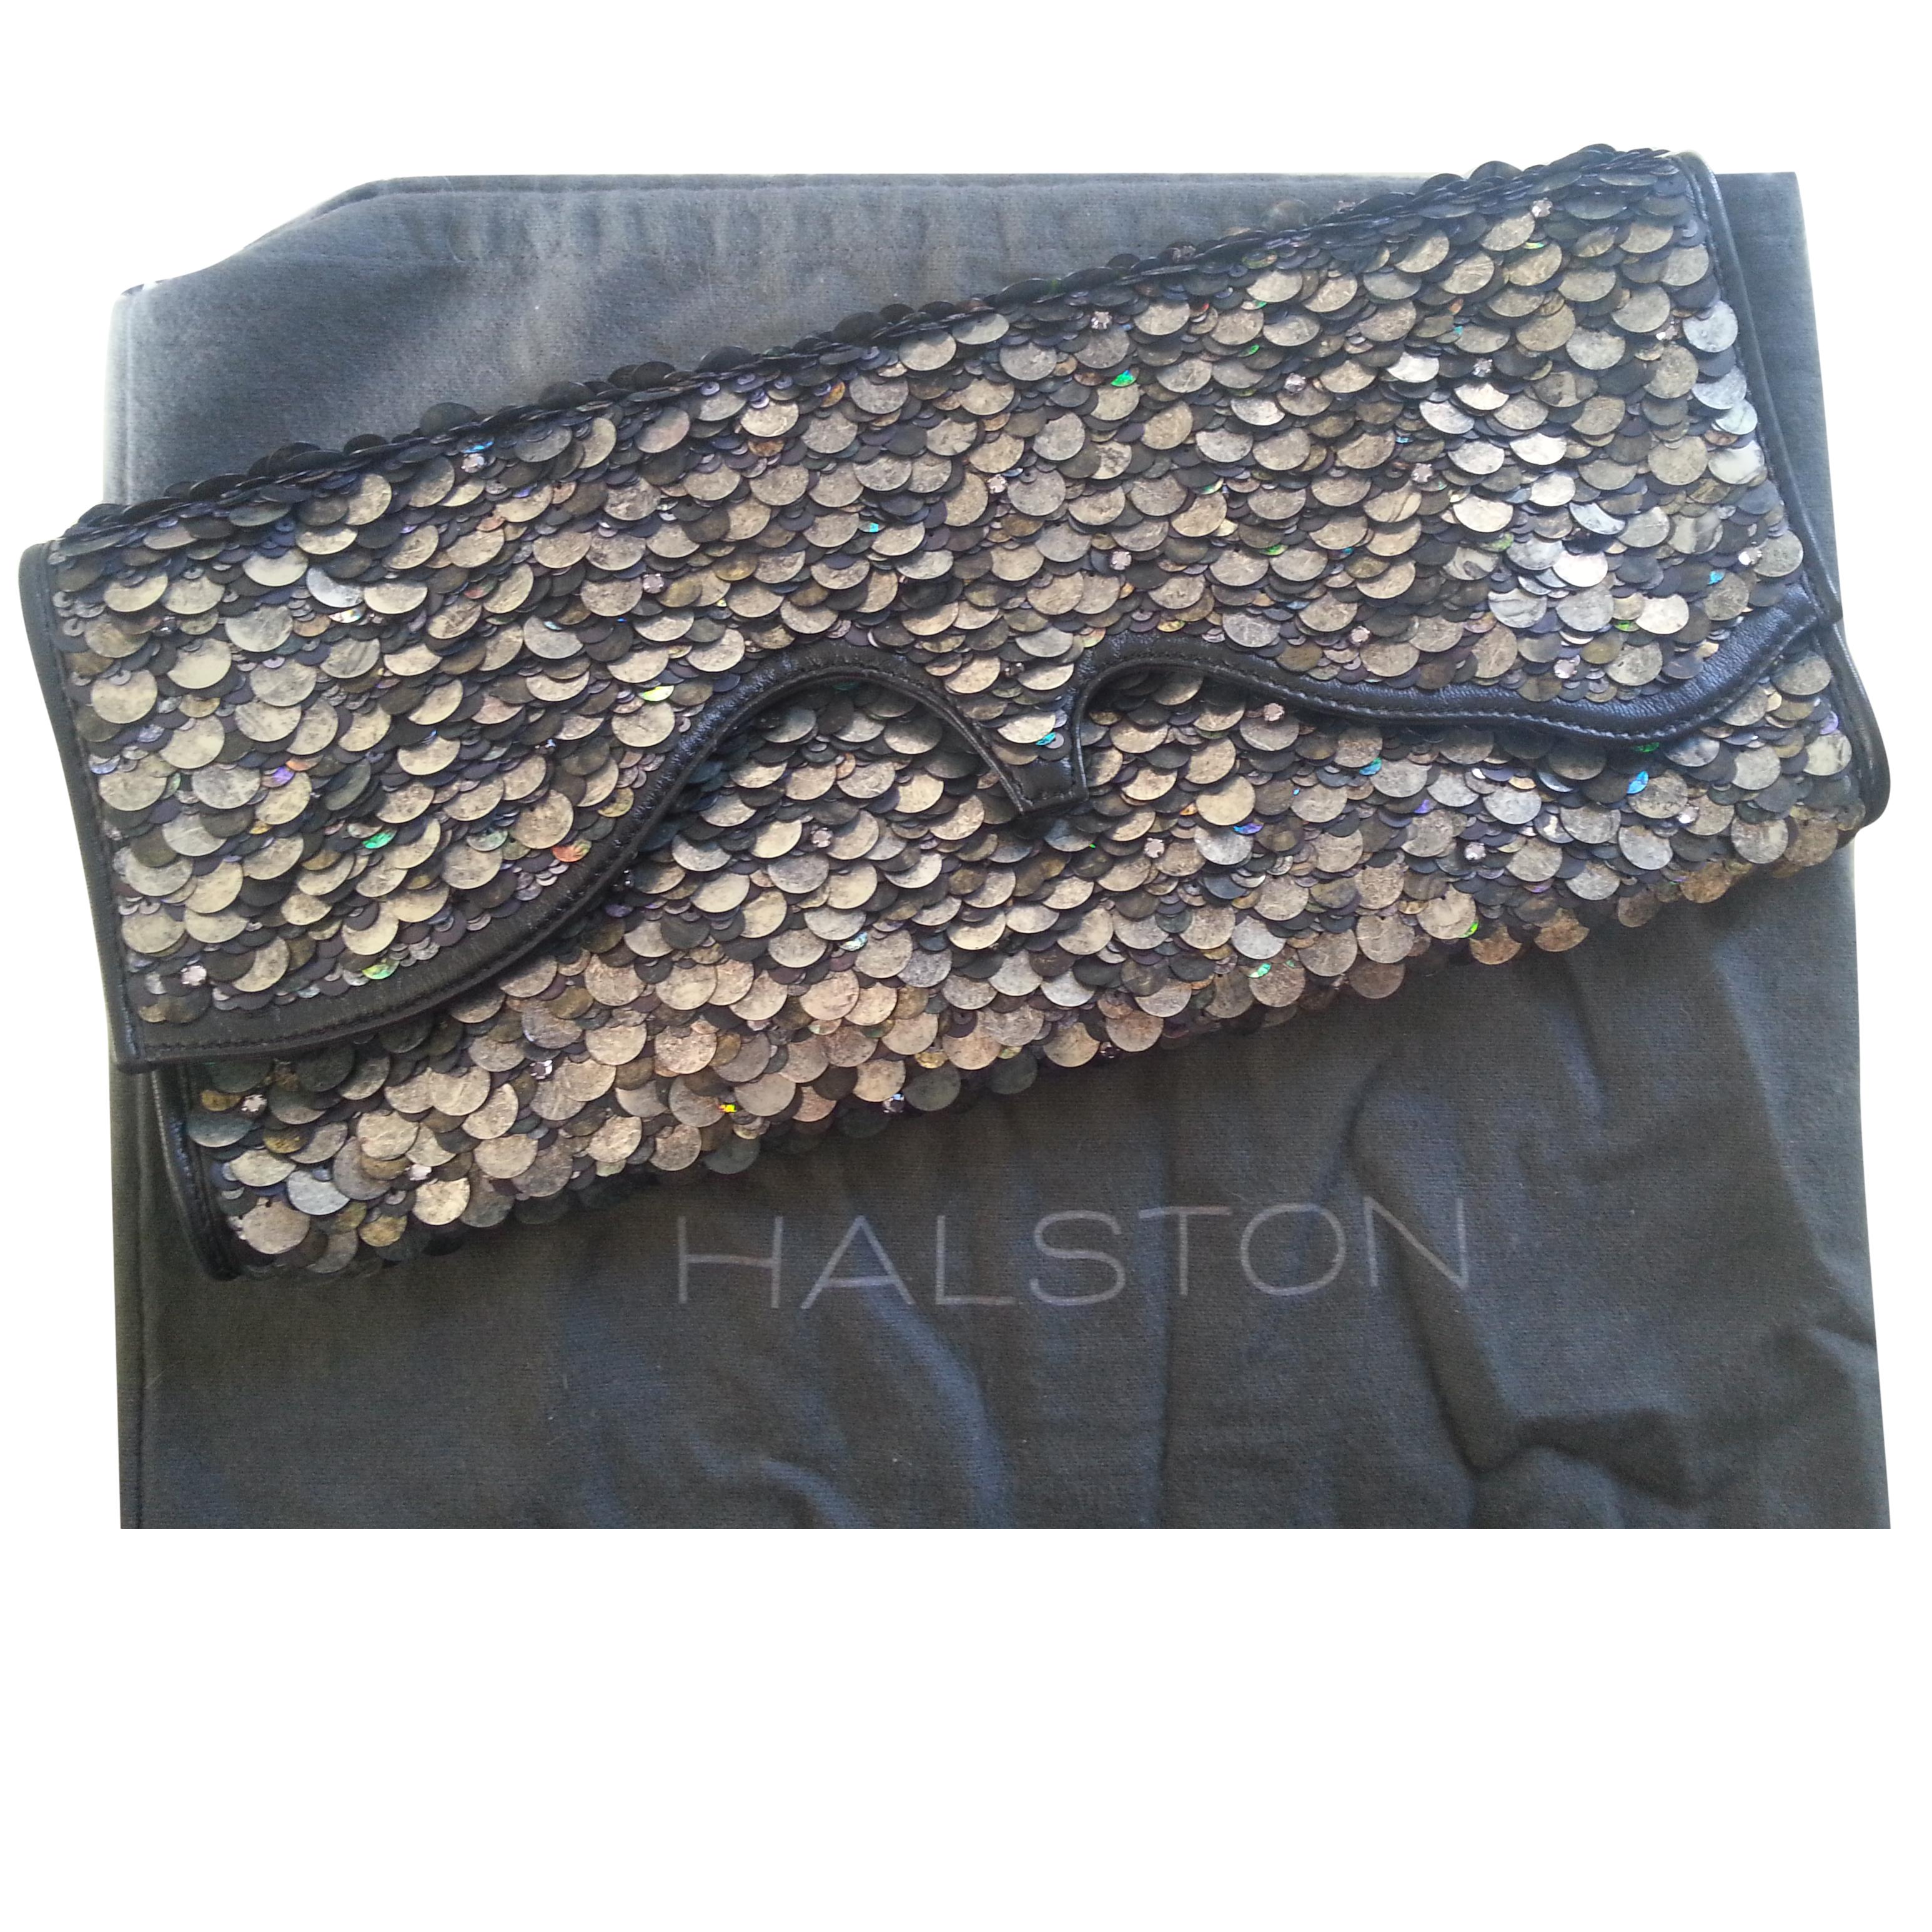 e12d953ade Halston Evening Bag